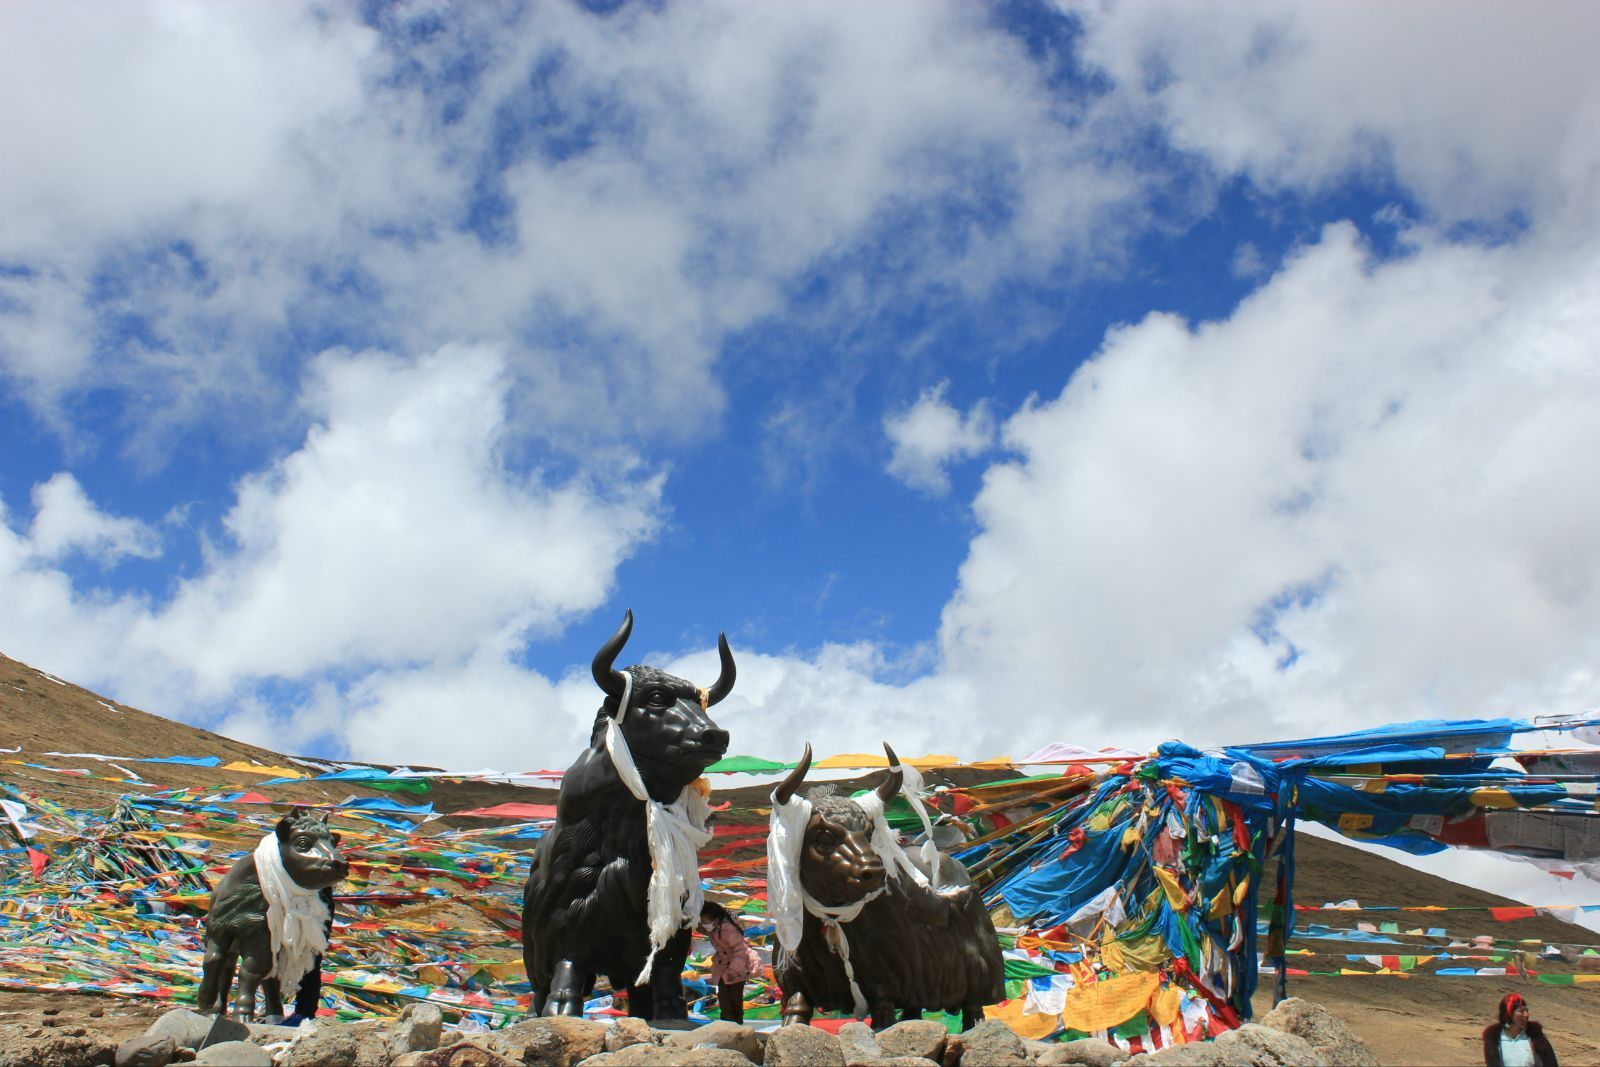 西藏拉萨、林芝、大峡谷、巴松错8日卧飞跟团游[雪域桃花]0自费、赠6大特色美食,1晚宿鲁朗国际小镇,桃花节预售